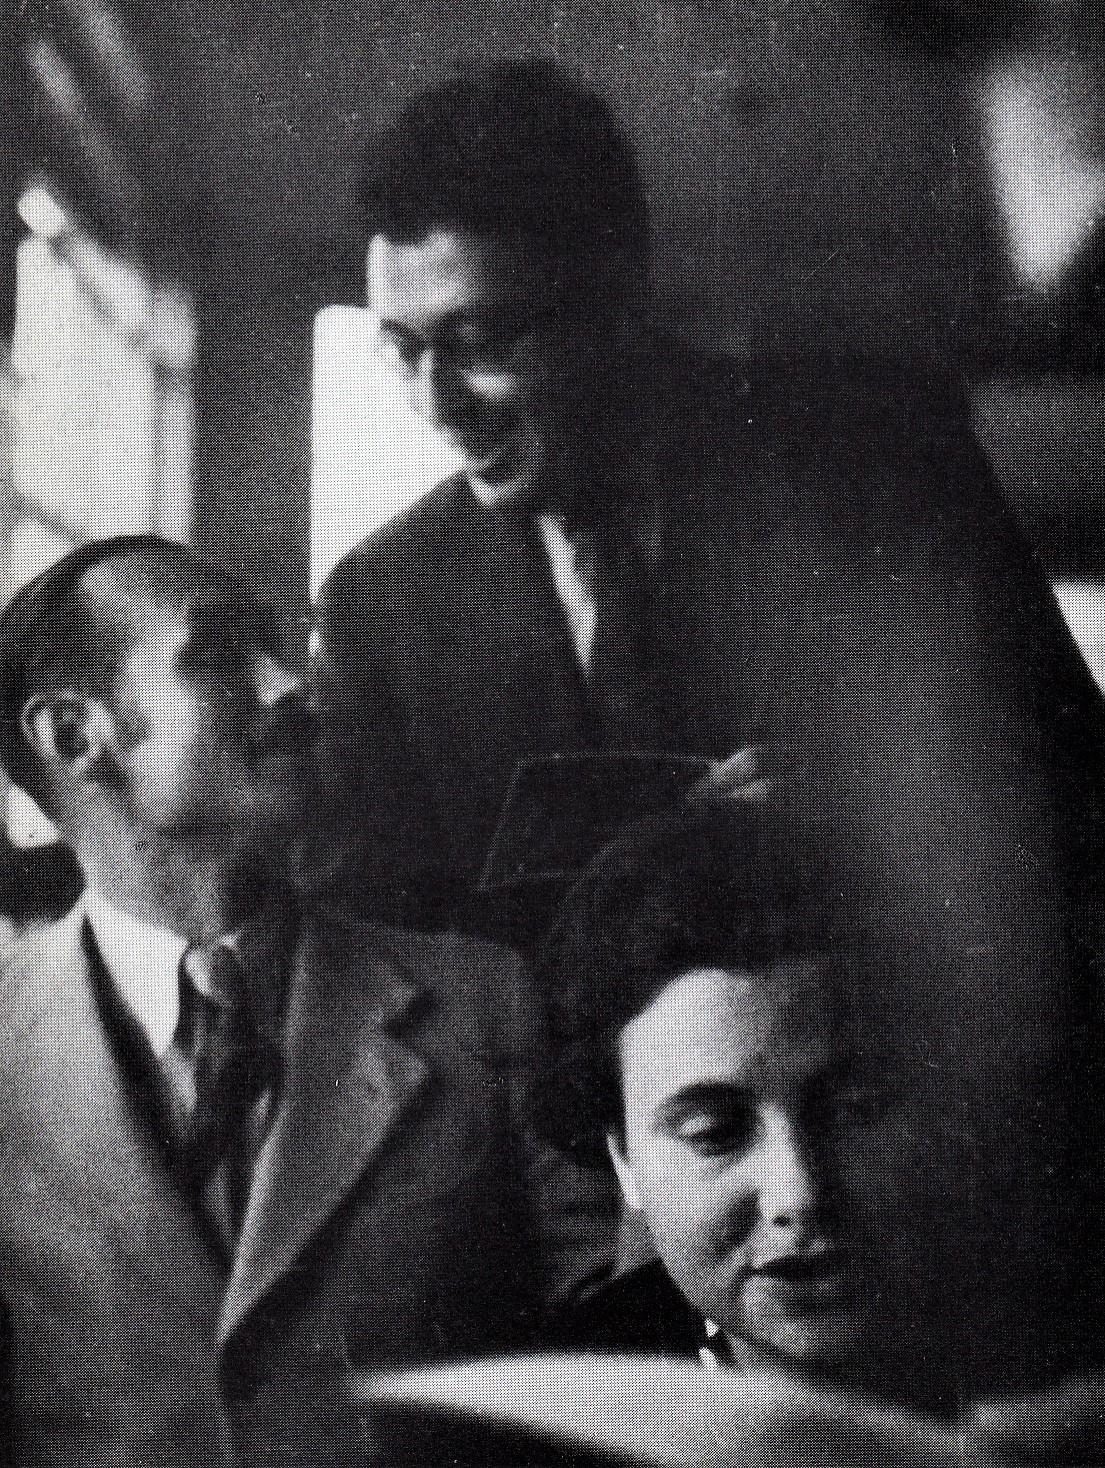 Otto Fenichel, Werner Kemper und Elisabeth Gerö-Heymann (?), 1934